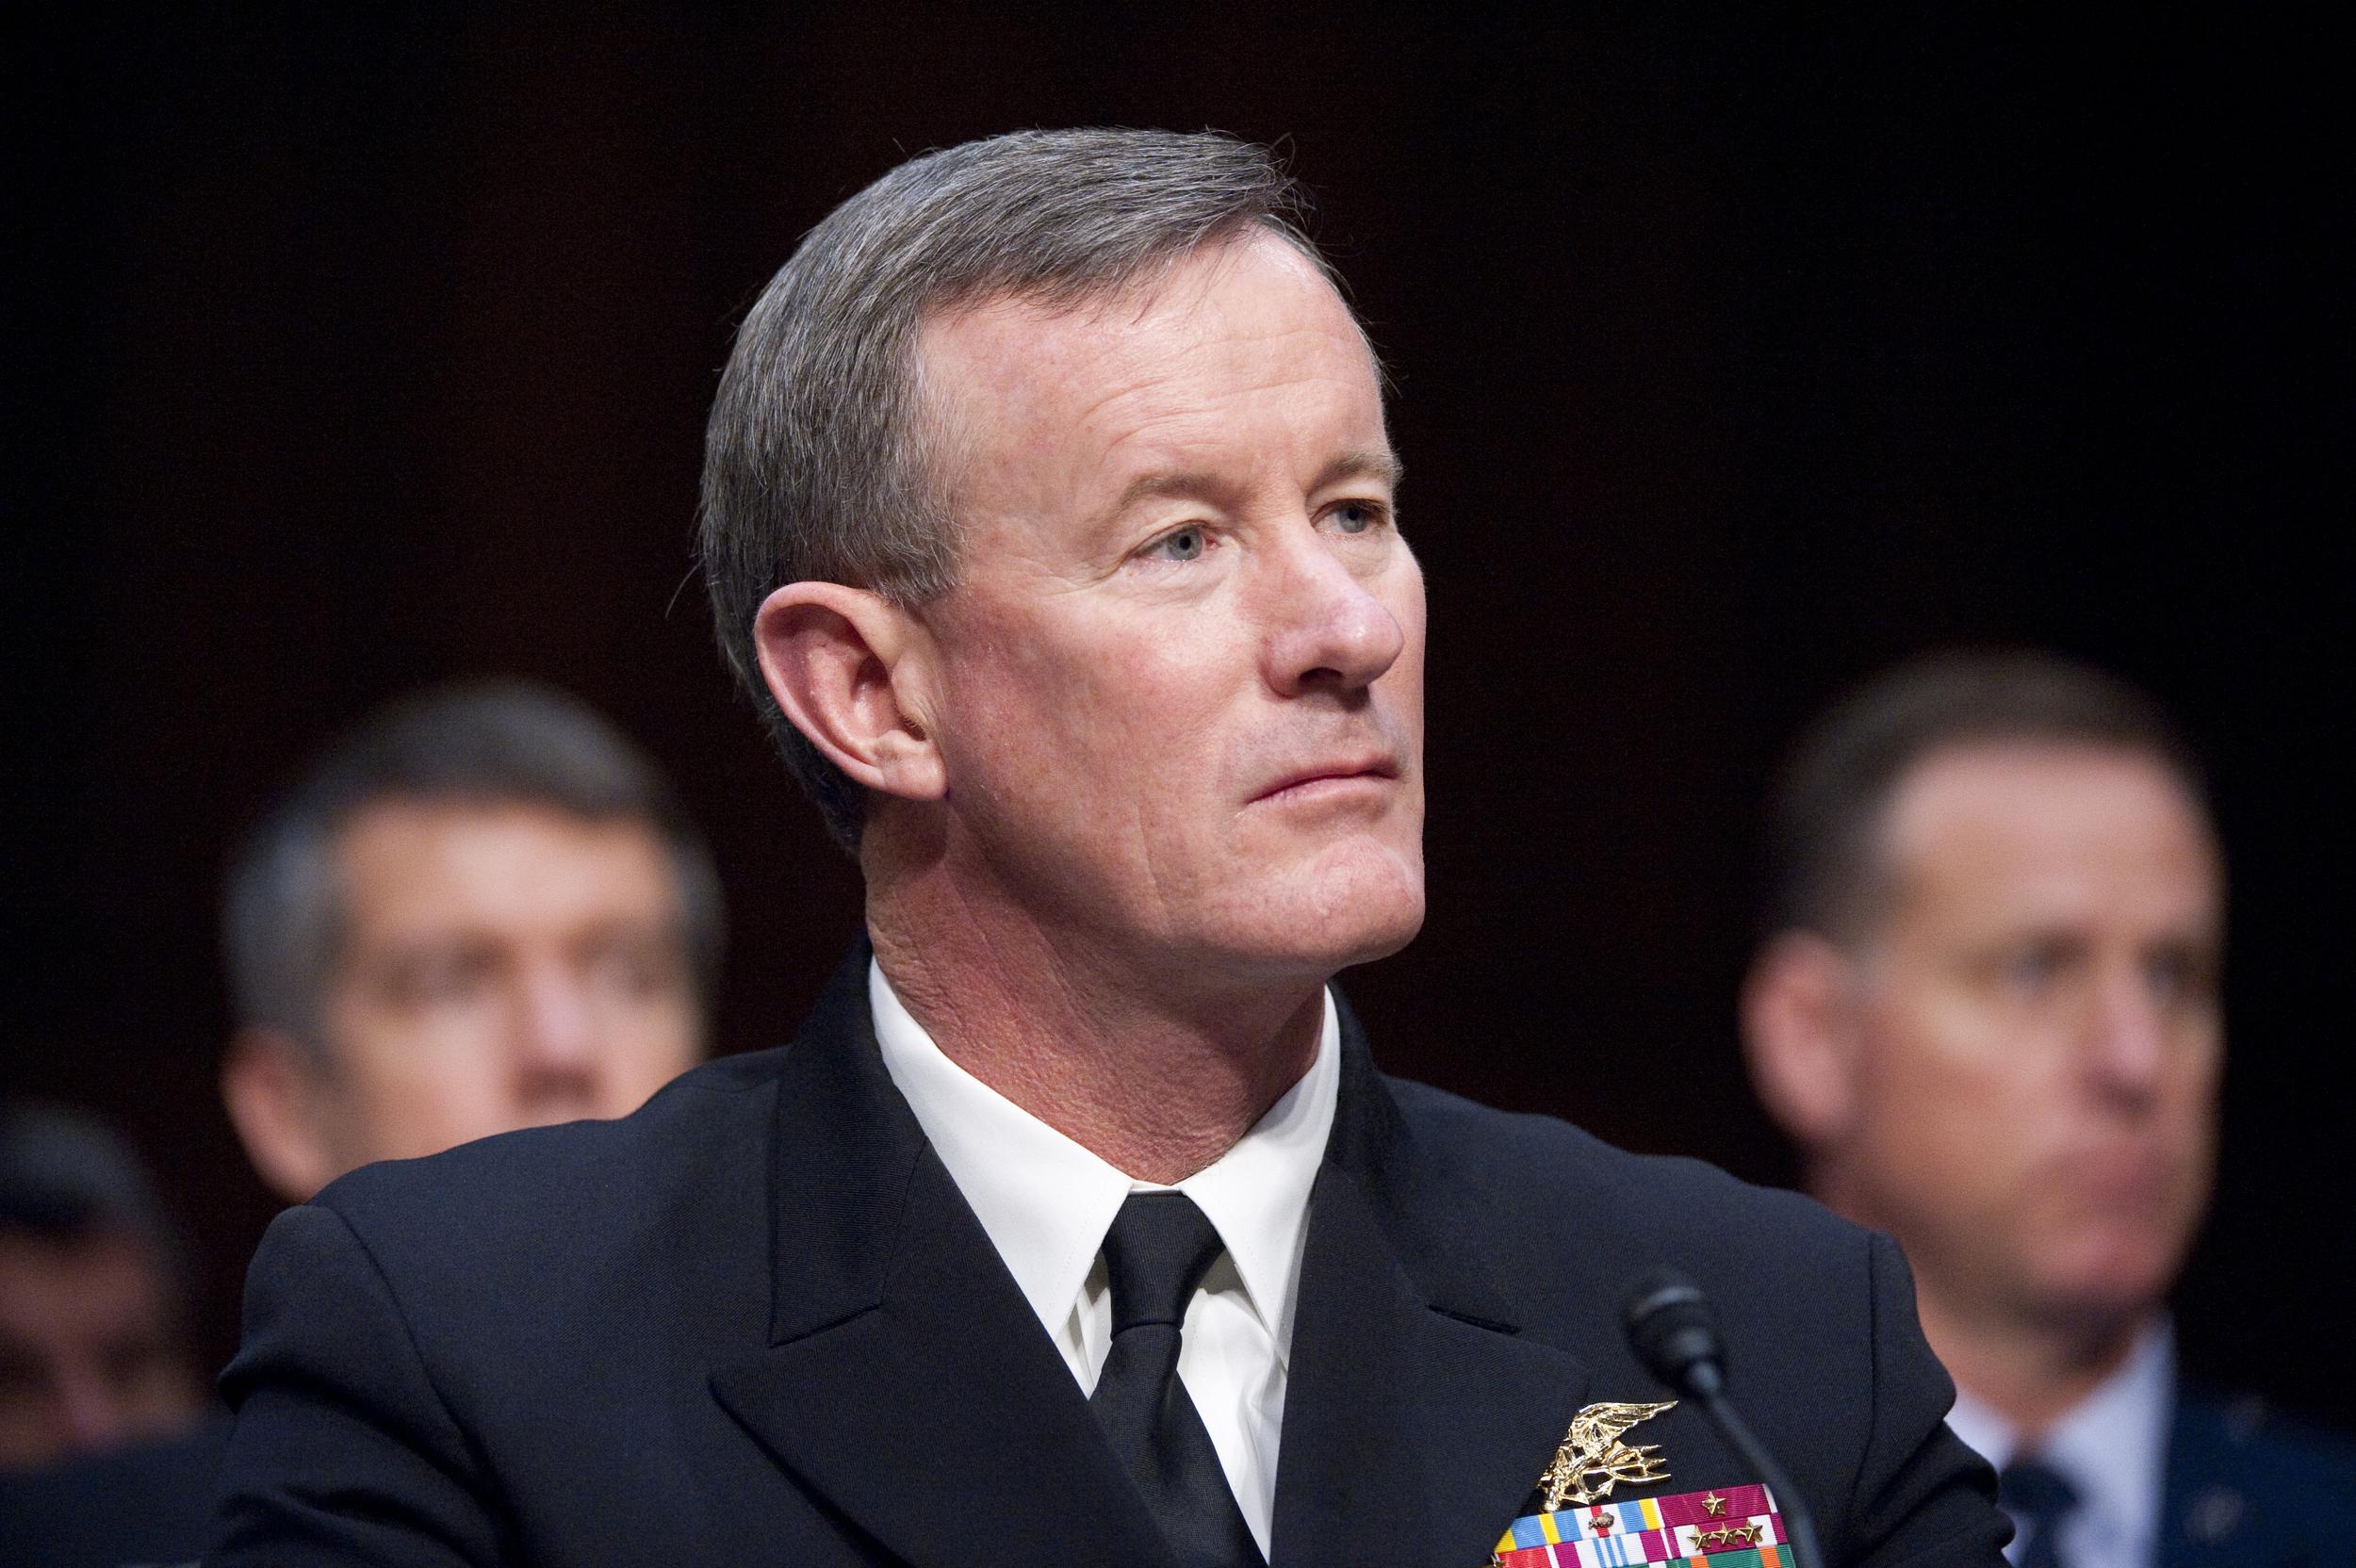 nbcnews.com - Trump blasts retired Navy SEAL, saying he should've caught bin Laden sooner